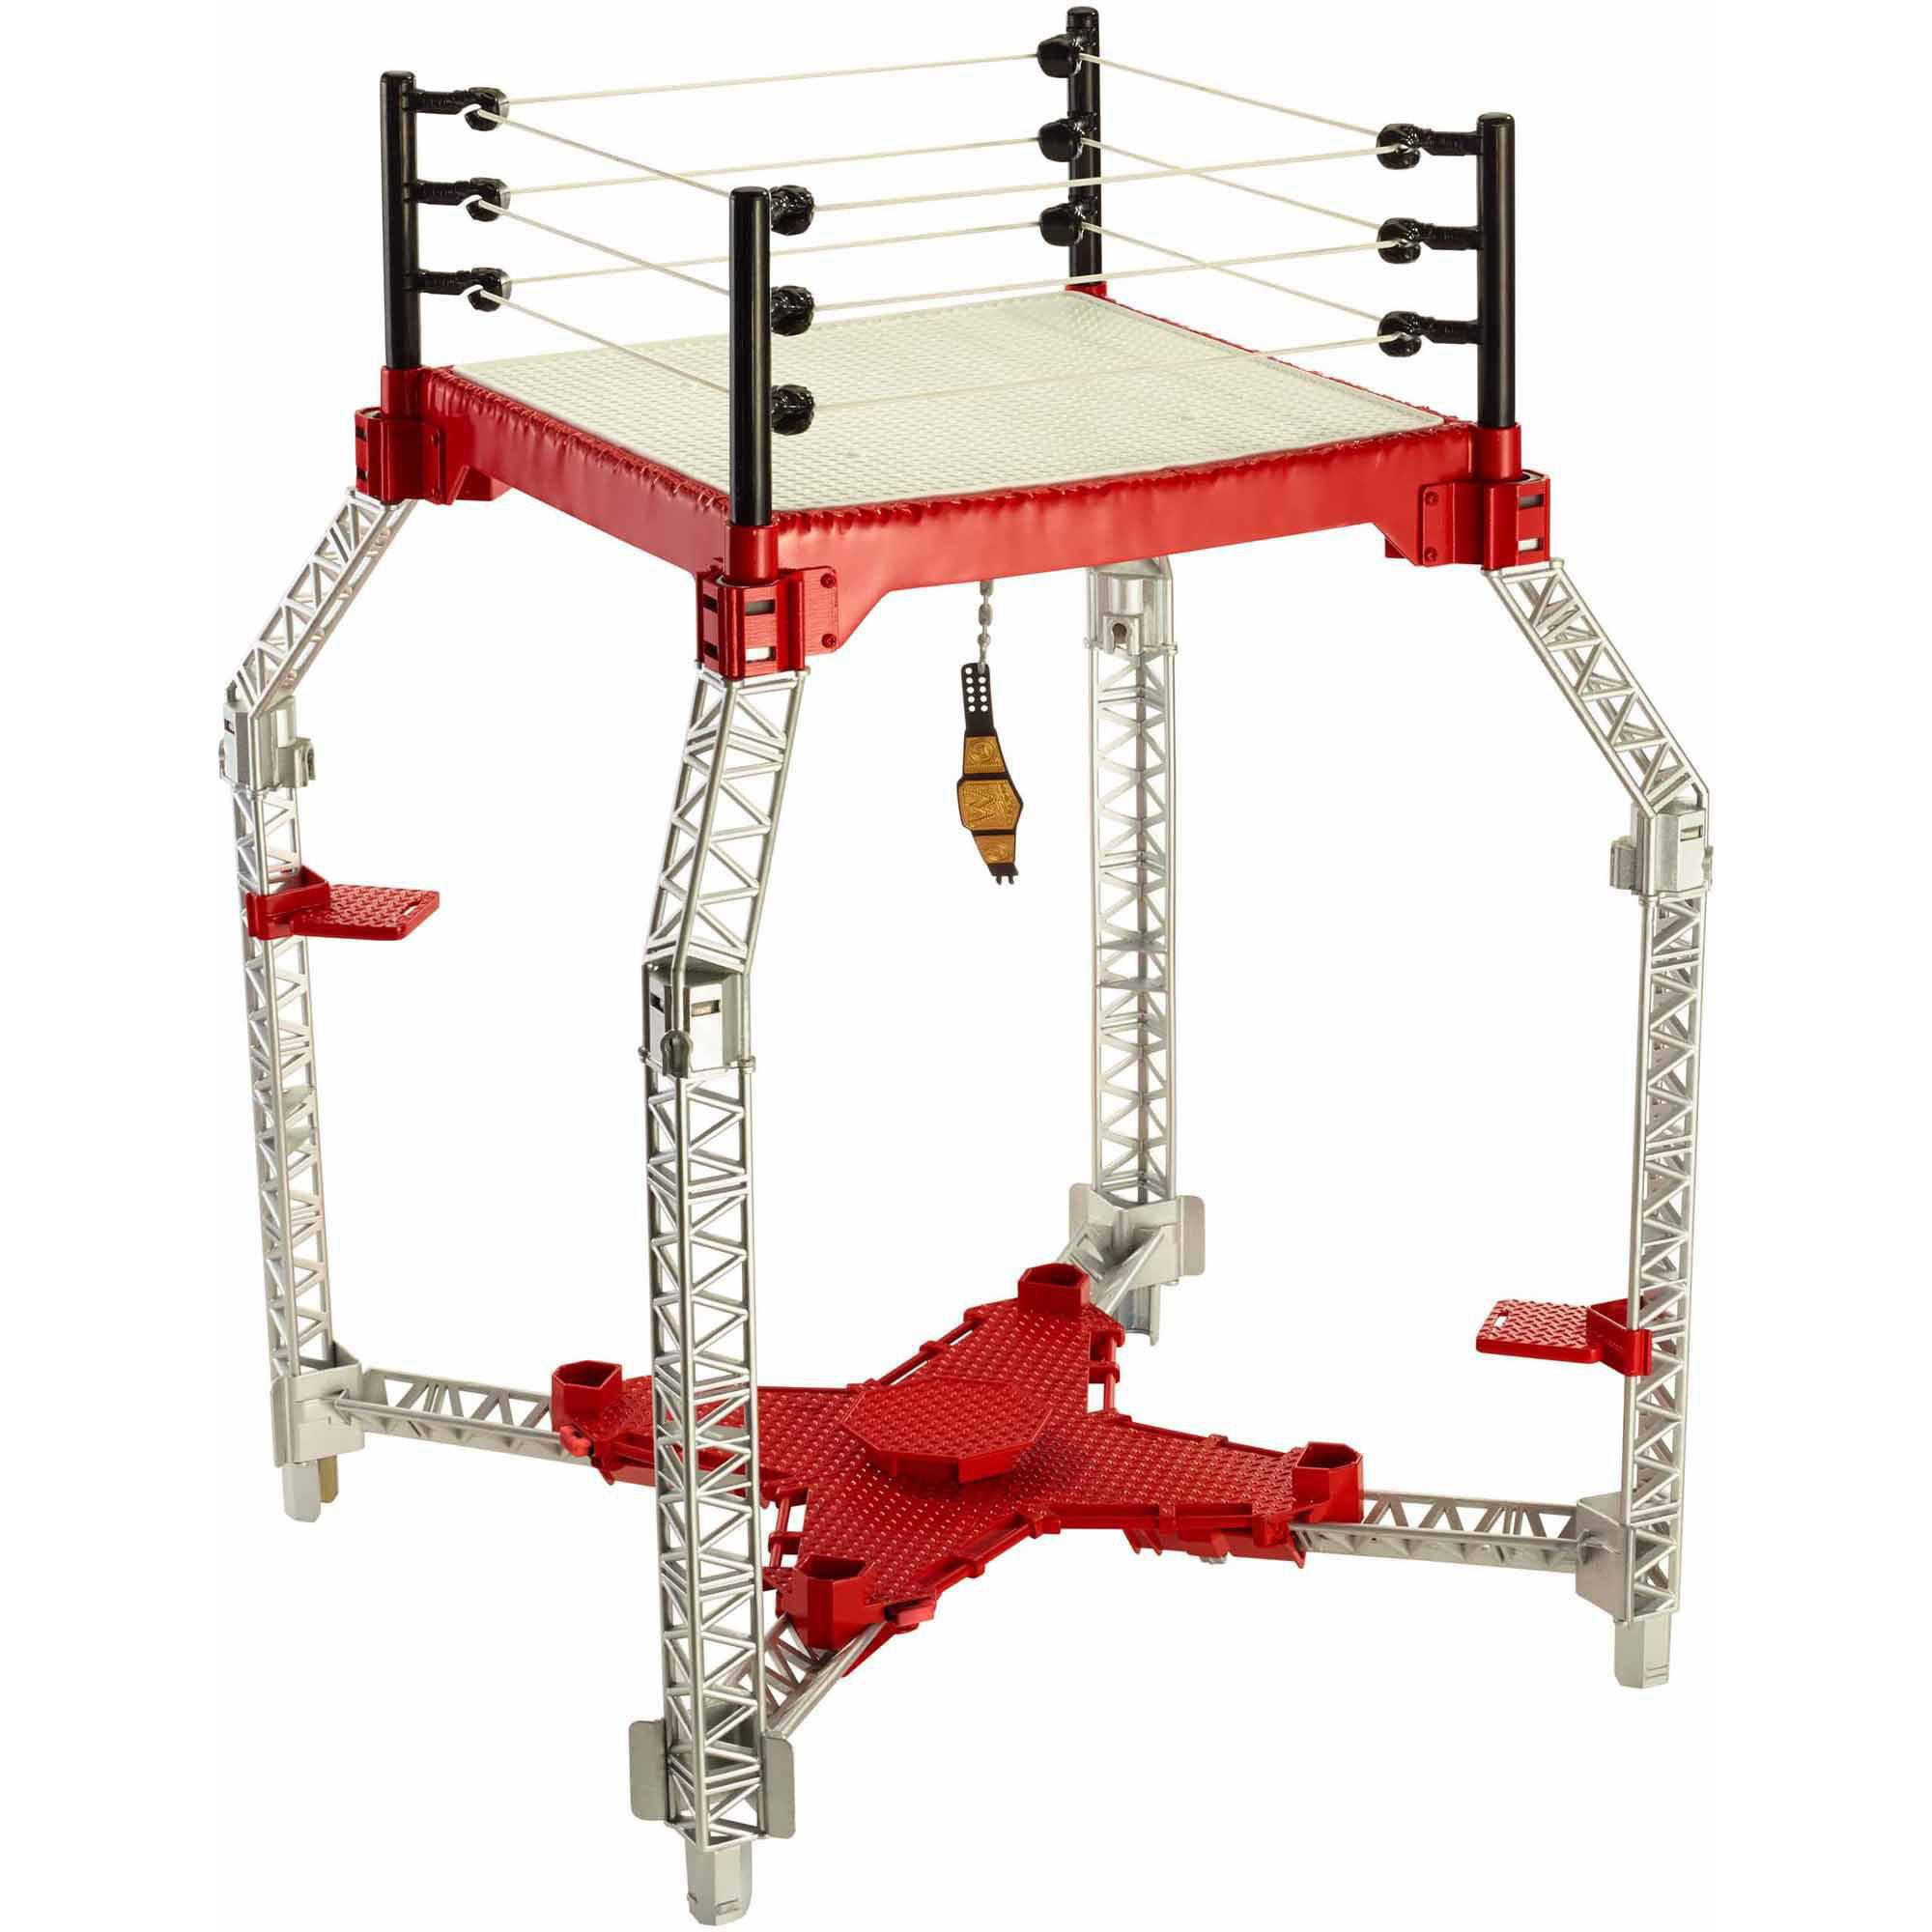 f1a3290eea8e WWE Create a WWE Superstar Ring Builder - Walmart.com